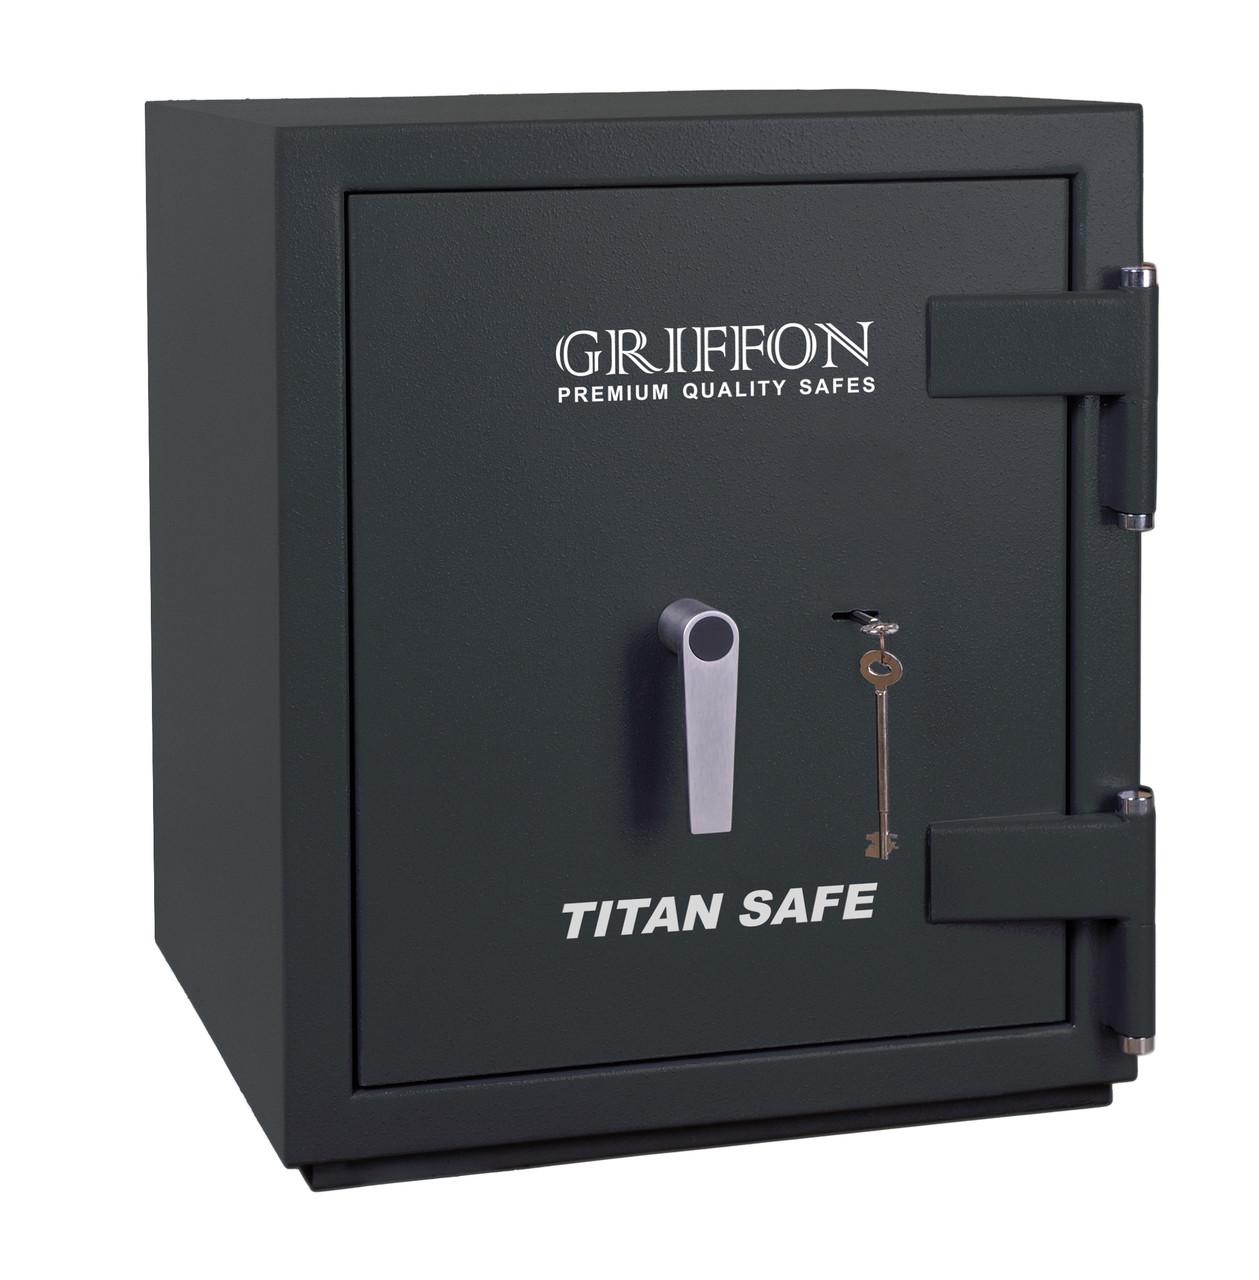 Огневзломостойкий сейф GRIFFON CL.II.60.K (Украина)